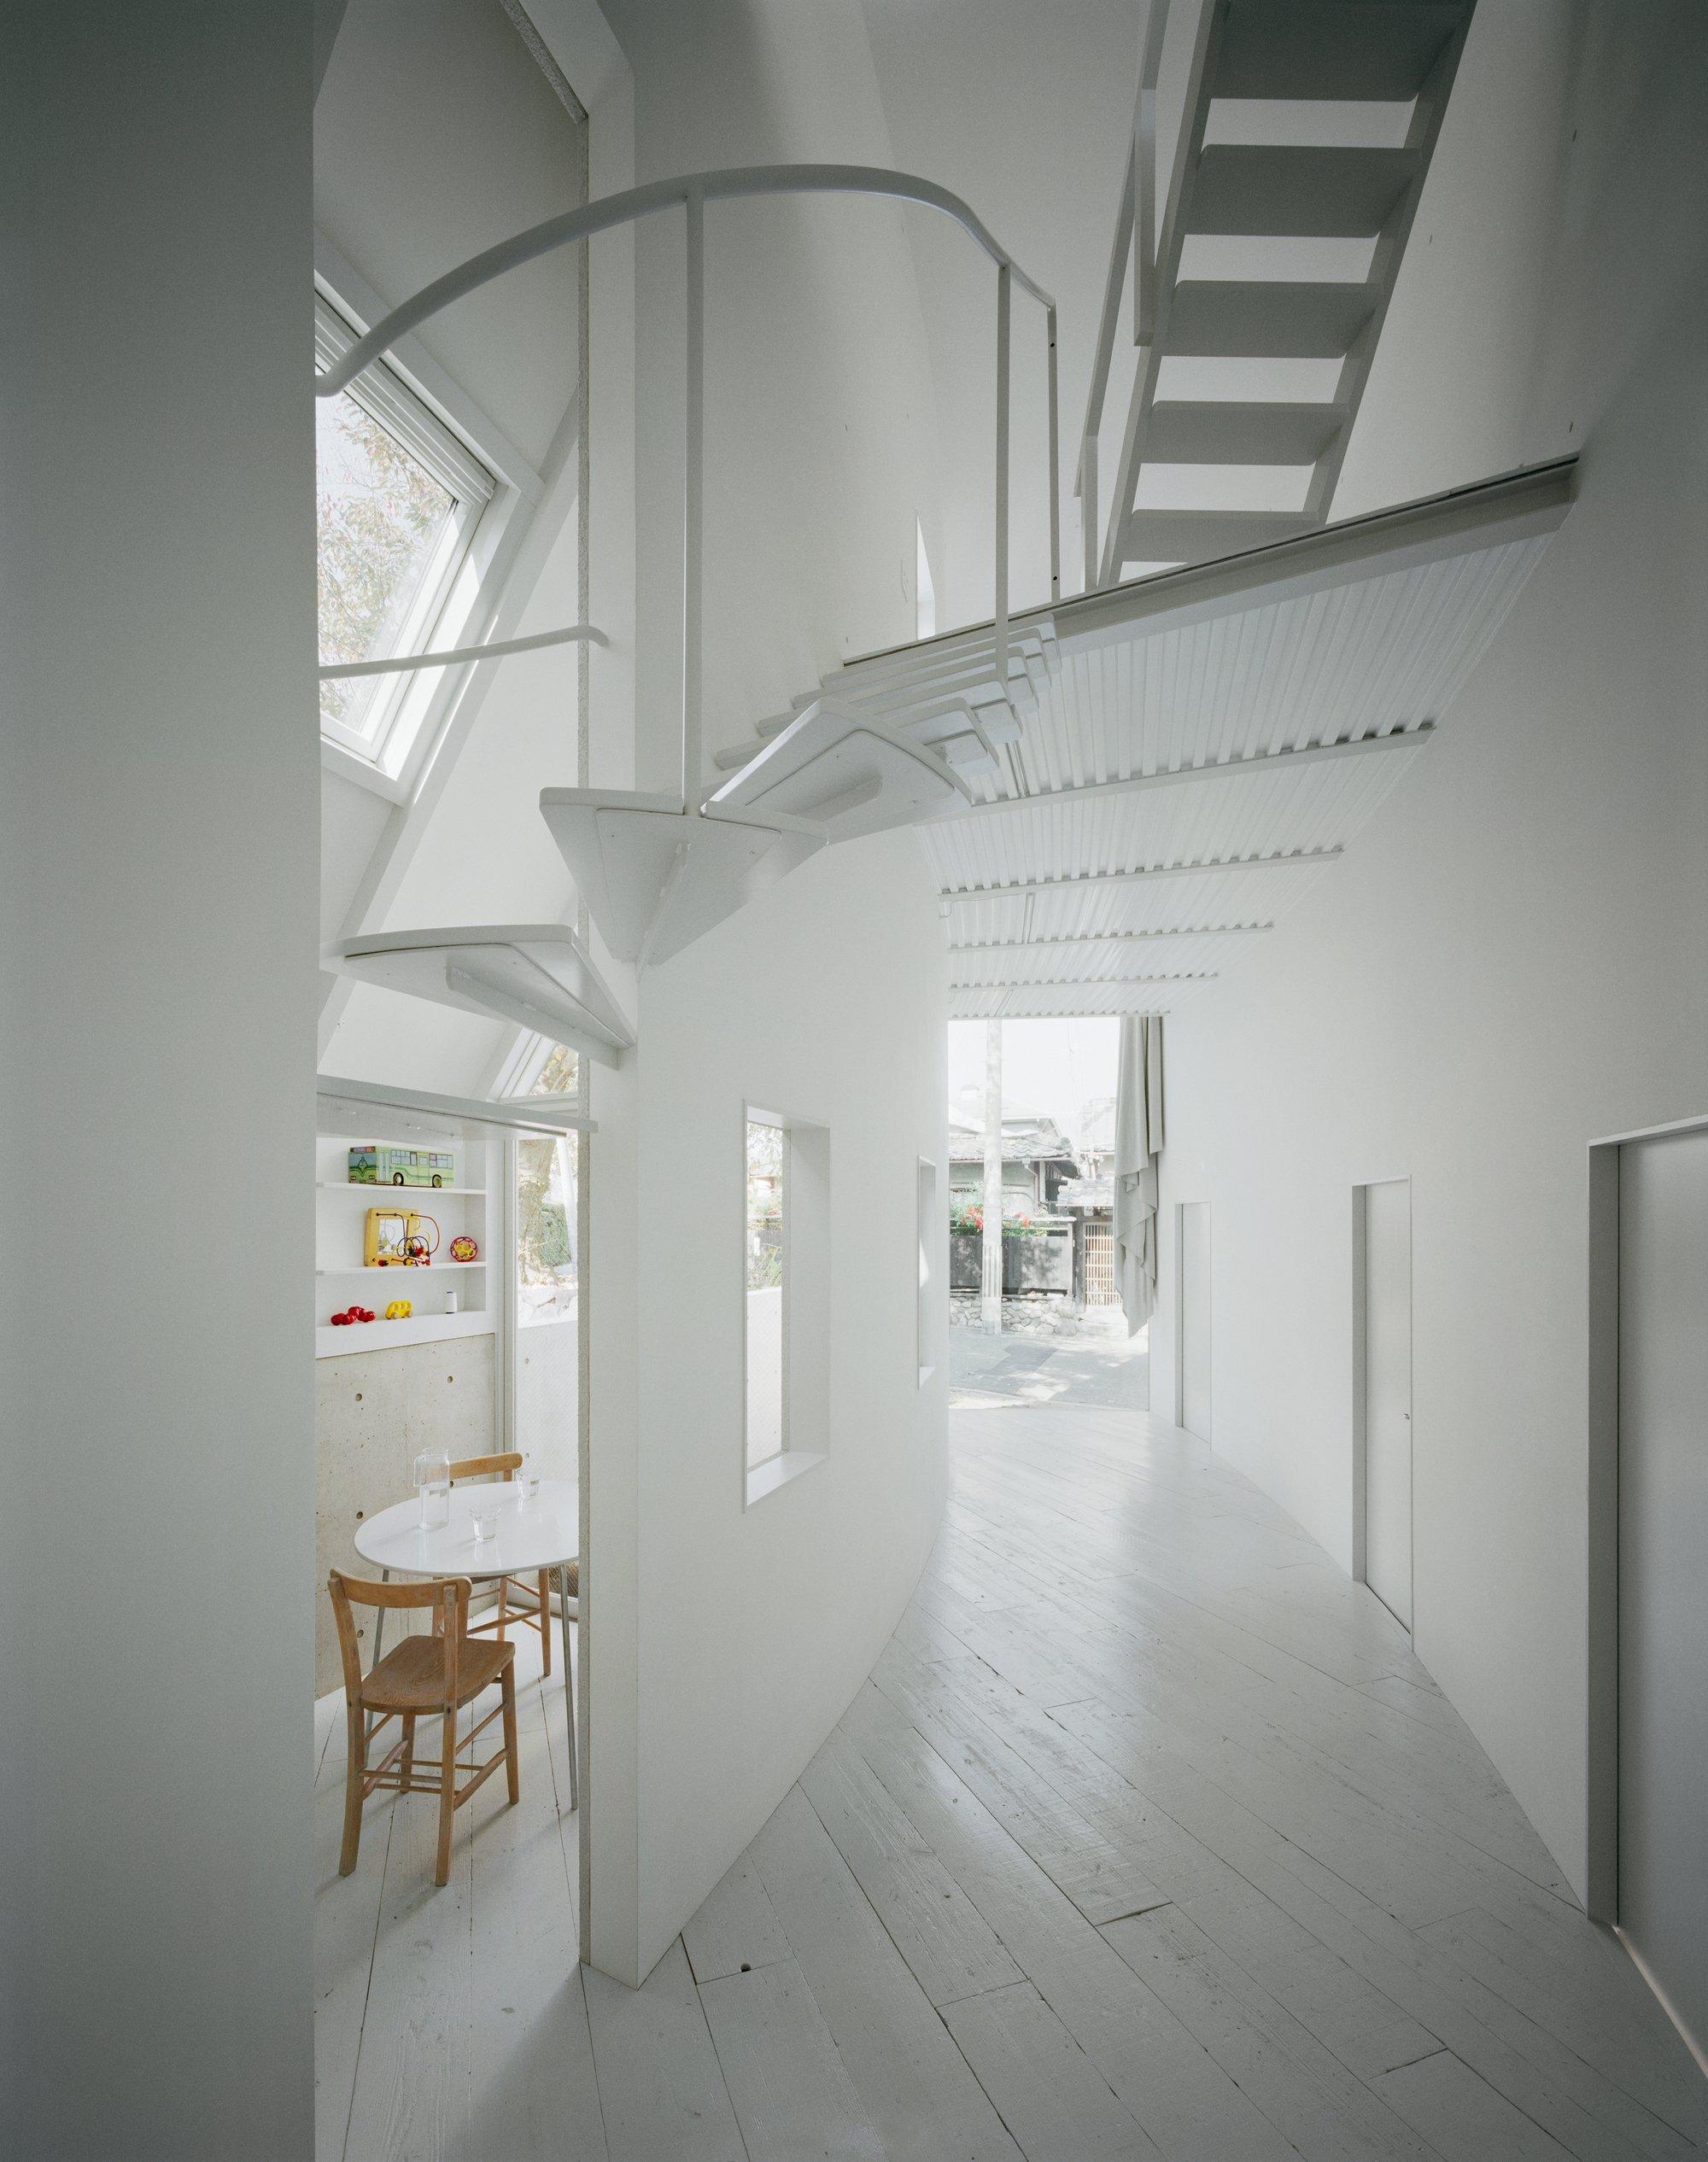 o-house-hideyuki-nakayama-architecture-japan-entrance-hallway-humble-homes